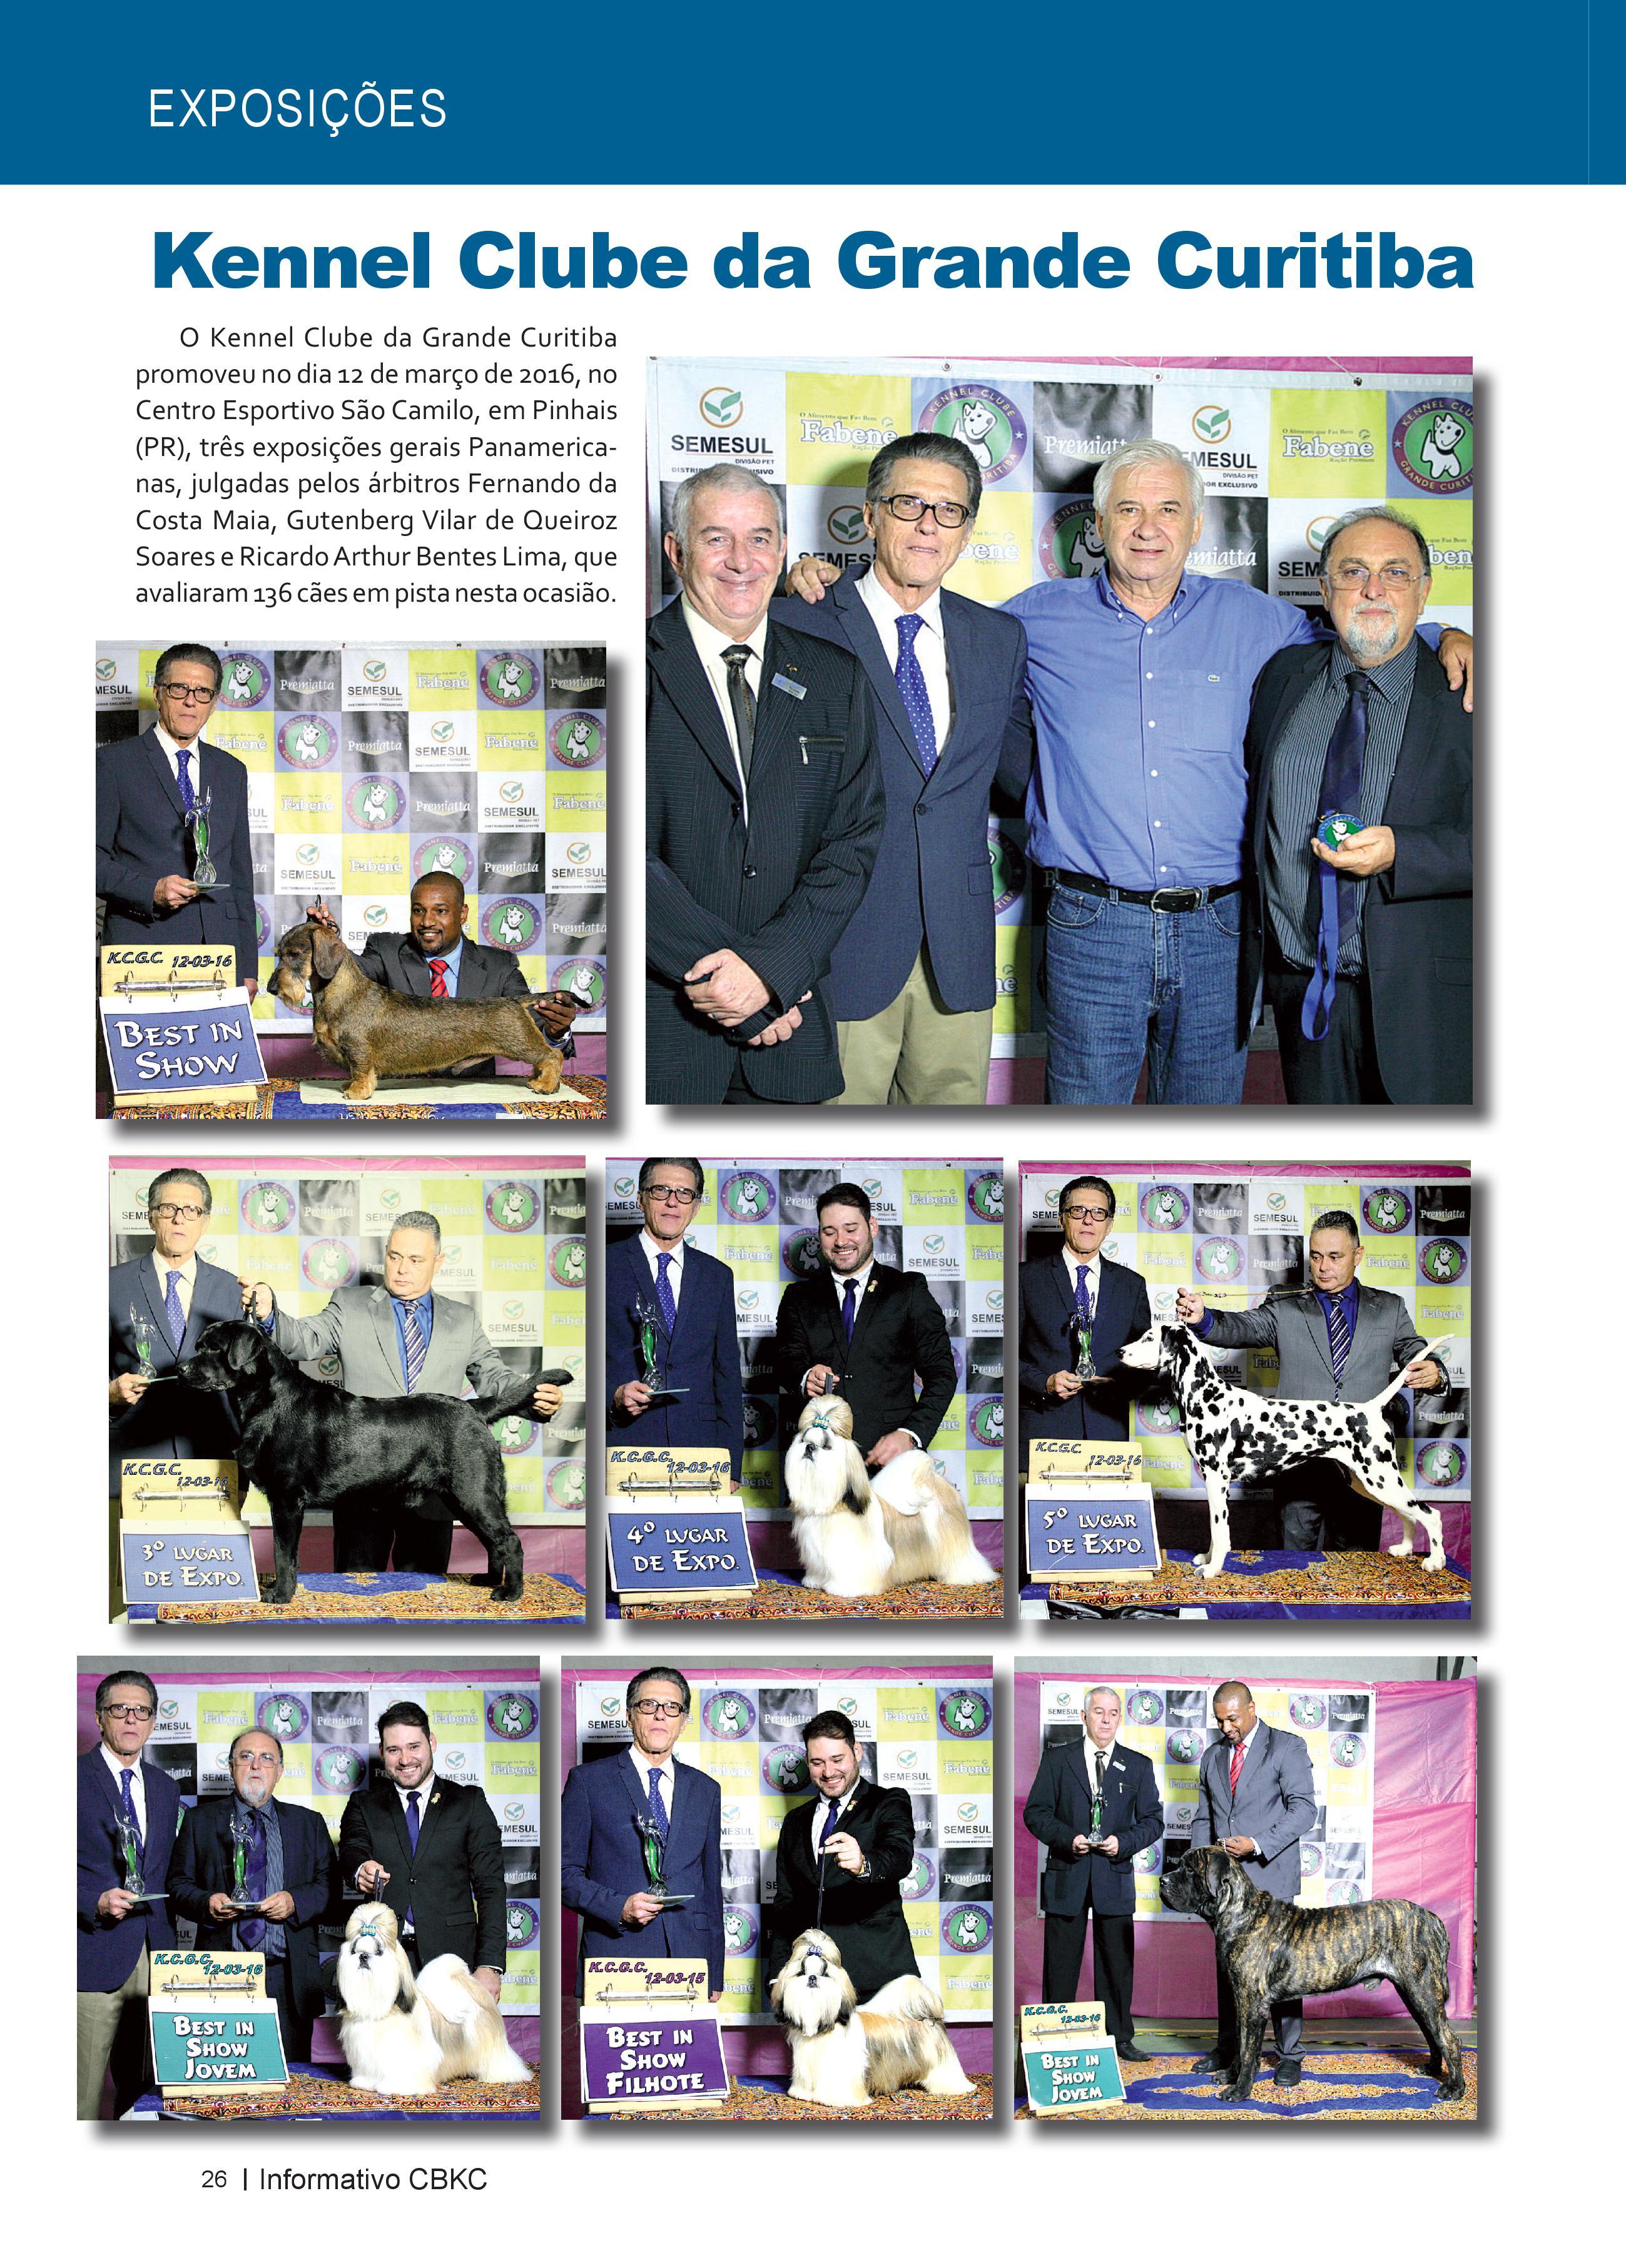 Pagina 26| Edição 52 do Informativo CBKC